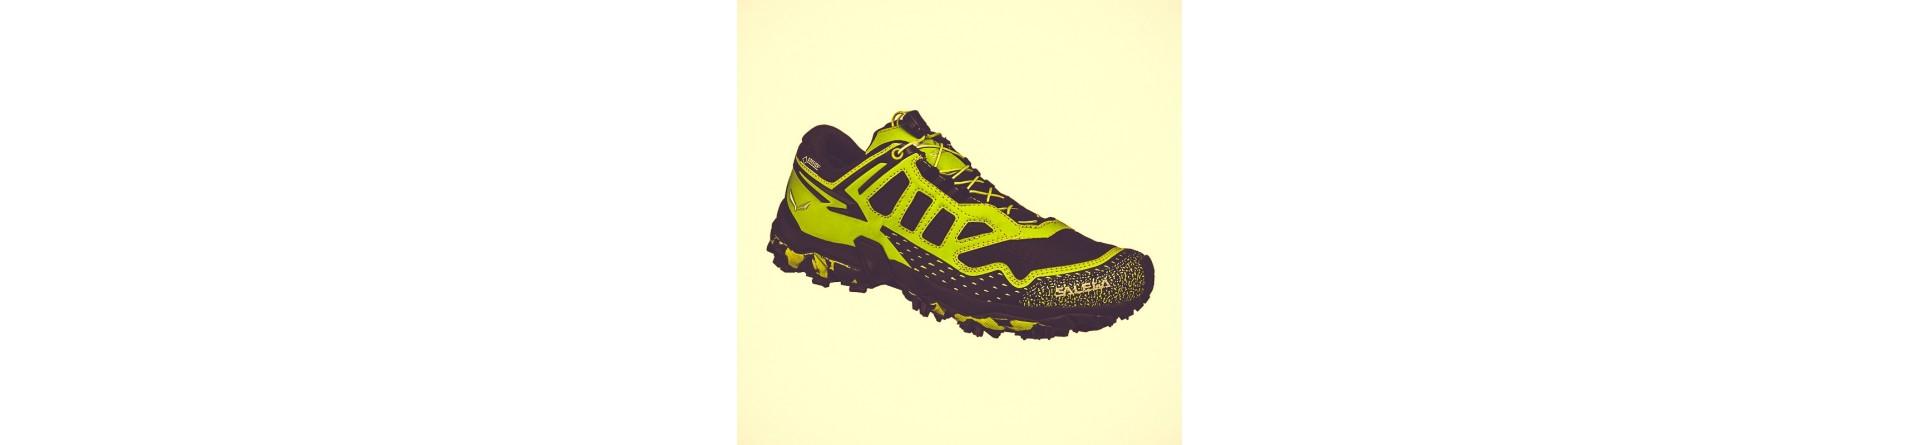 Scarpe Trail Running | Giuglar Shop